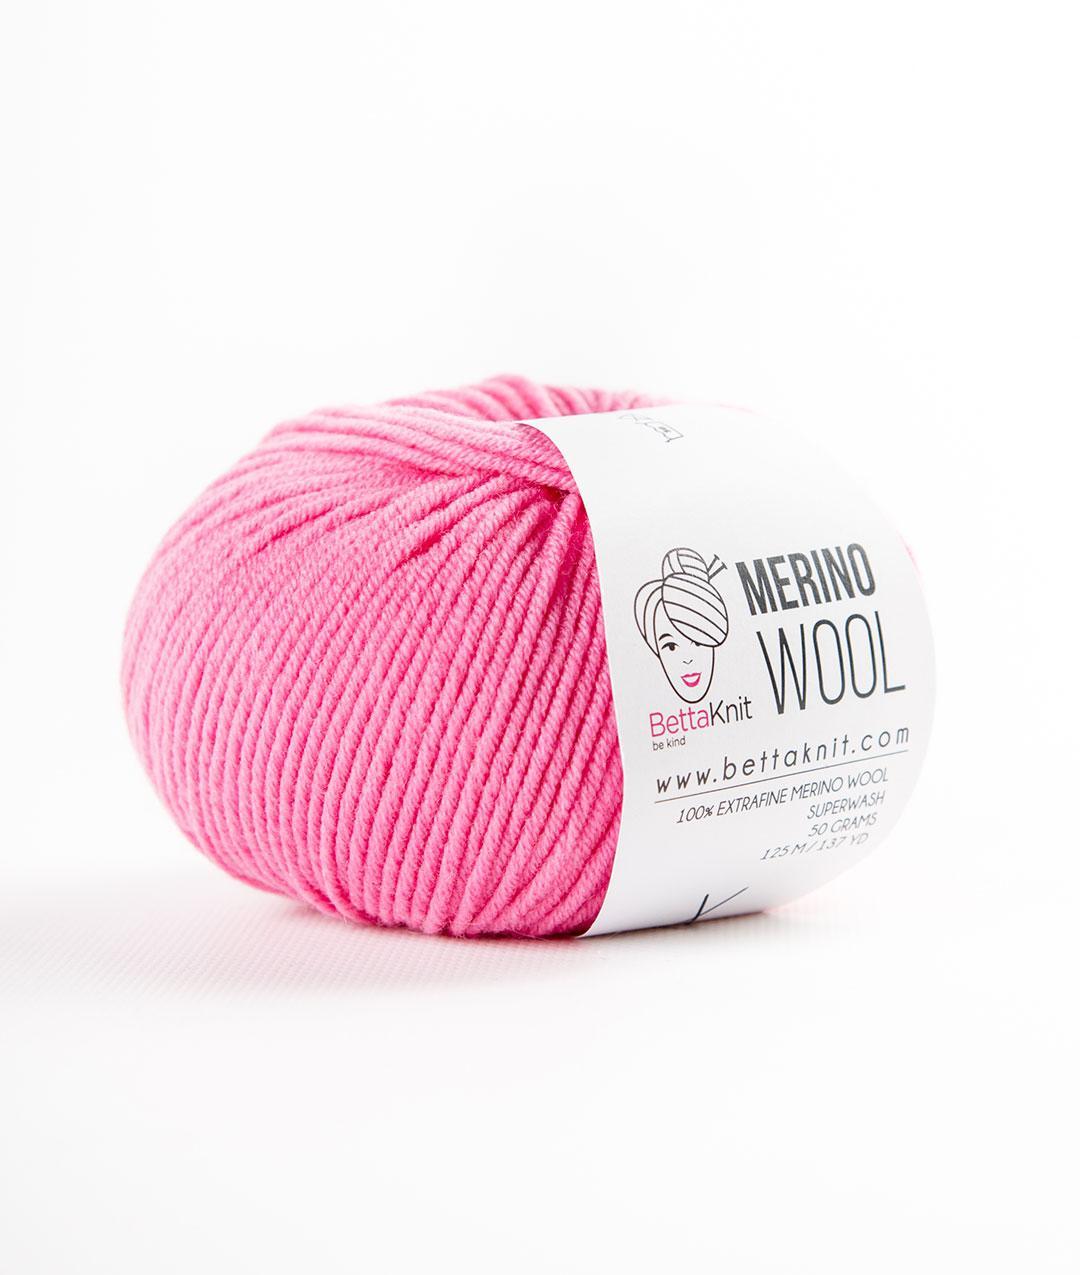 Lana - Lana - Merino Wool - 1